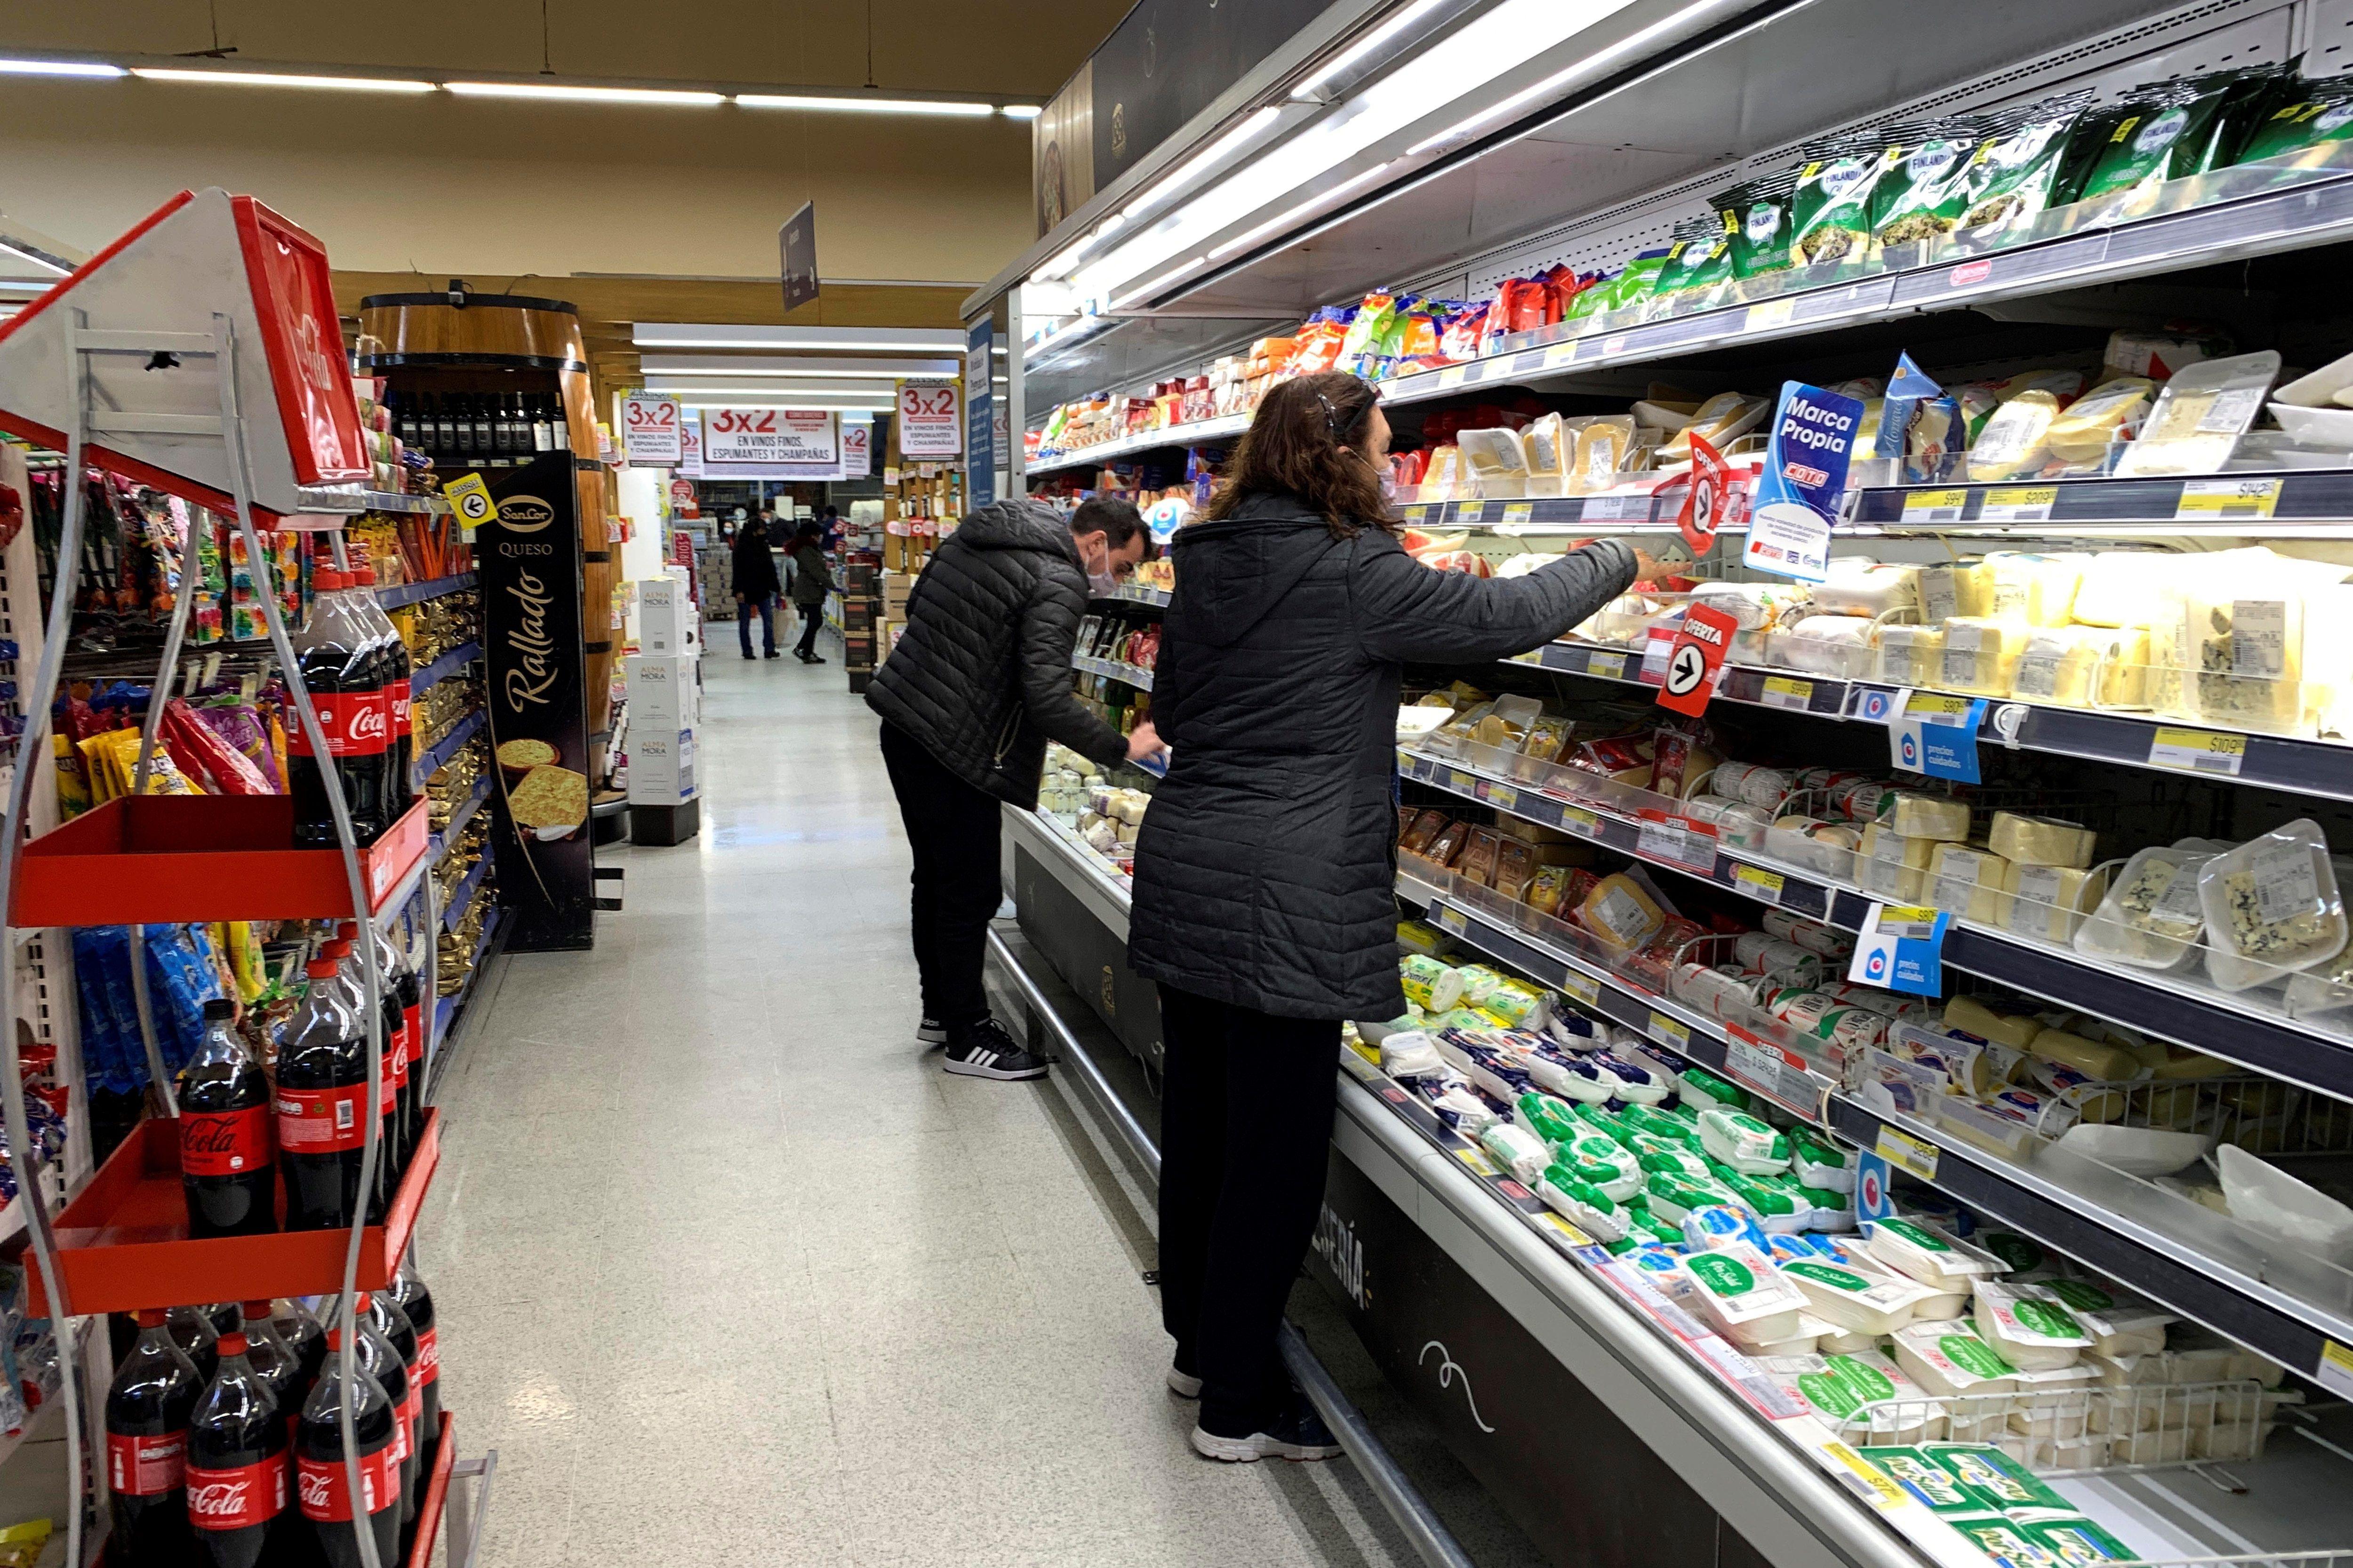 Los consumidores buscan precios más bajos en el rubro lácteos. EFE/ Demian Alday Estévez